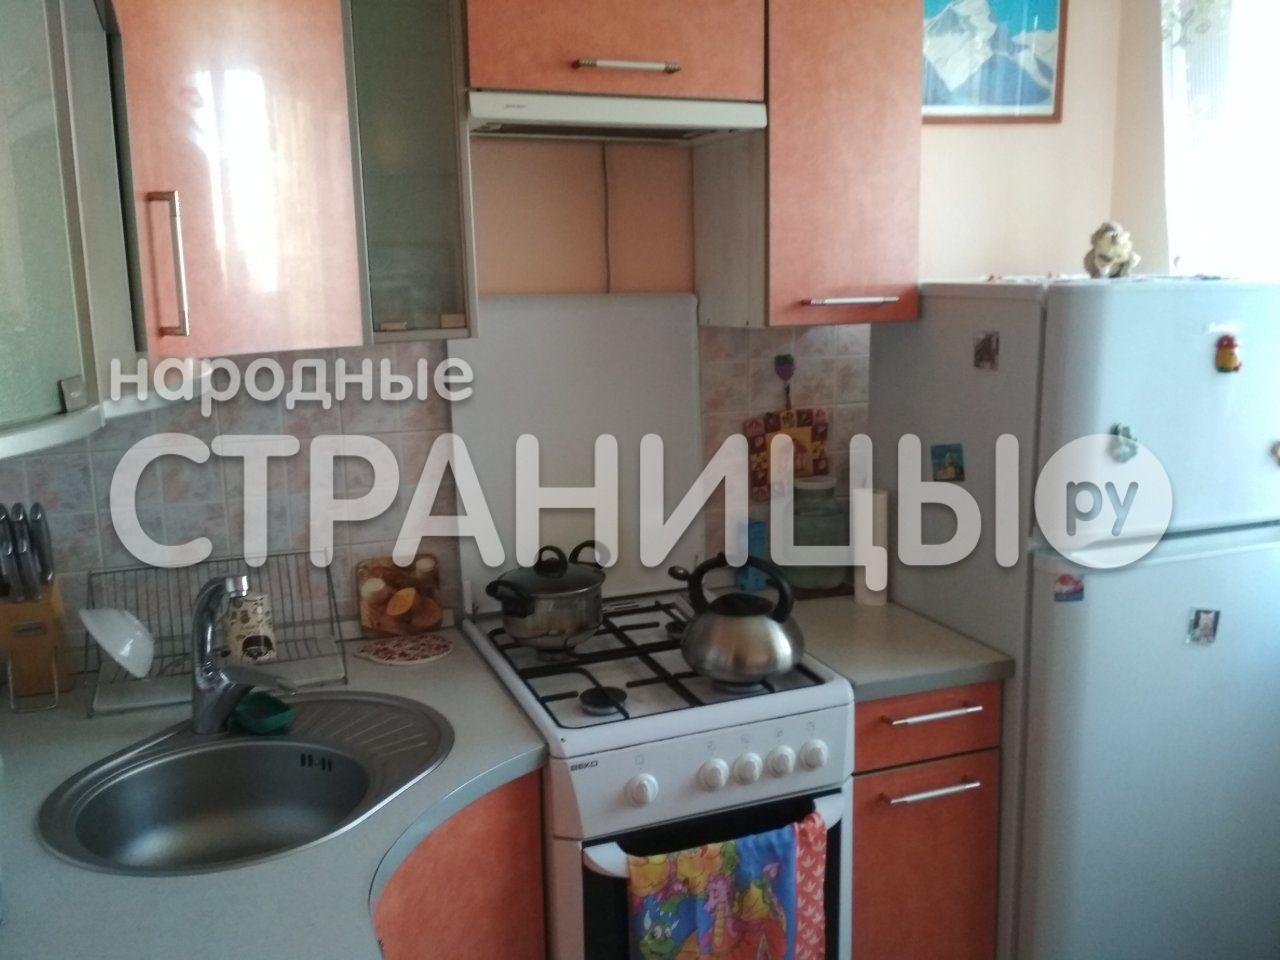 1-комнатная квартира, 29.4 м²,  5/5 эт. Кирпичный дом, Вторичное жилье